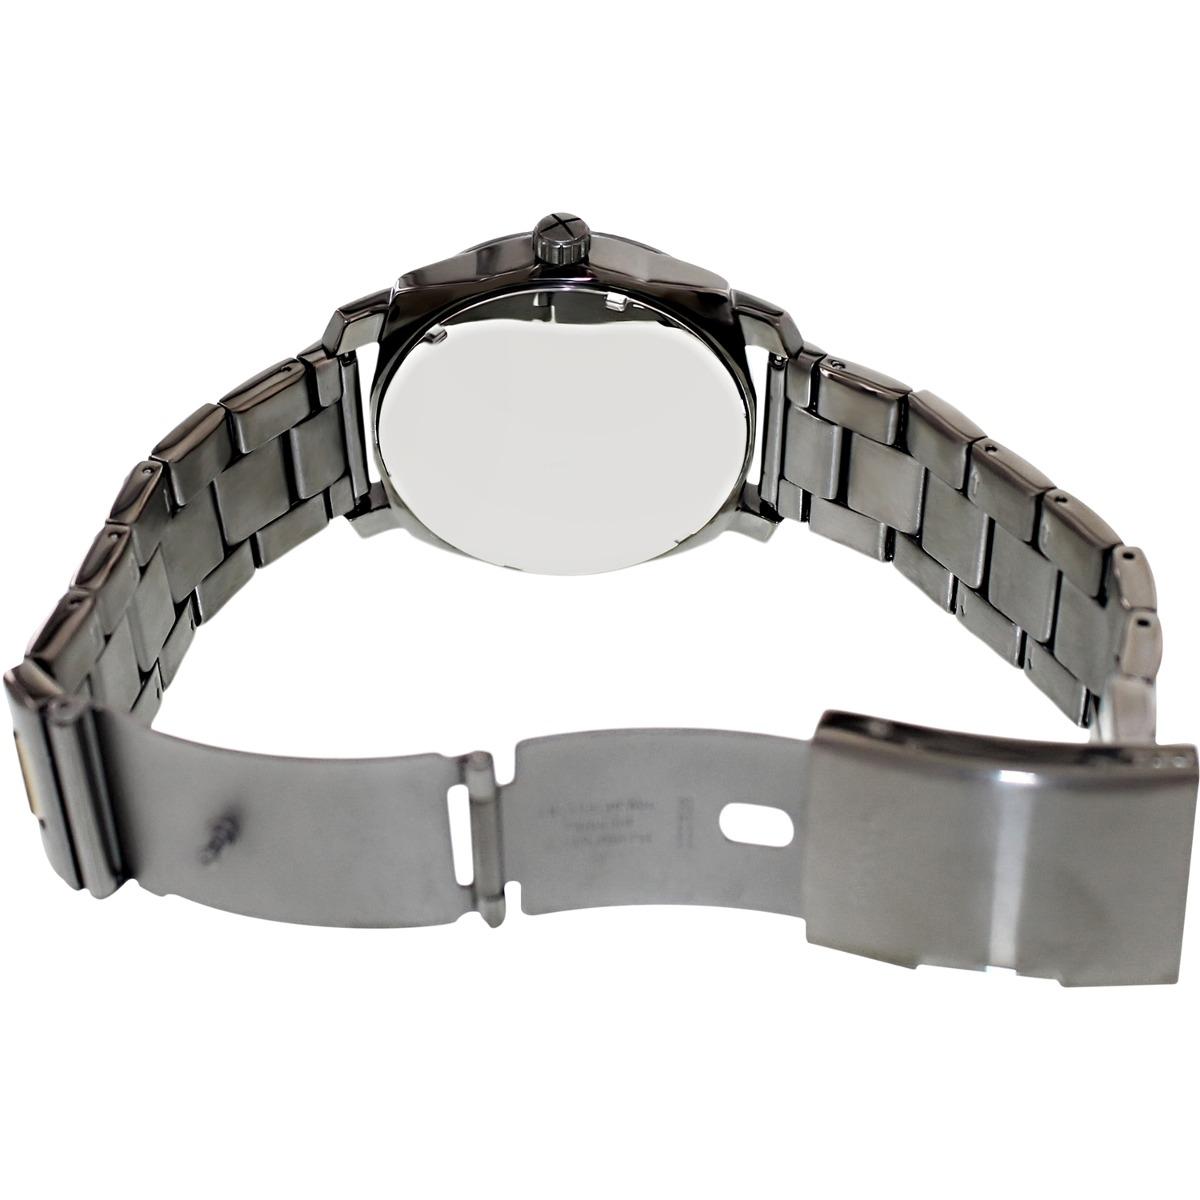 e063b95b4830 reloj fossil para hombre machine gris acero inoxidable. Cargando zoom.